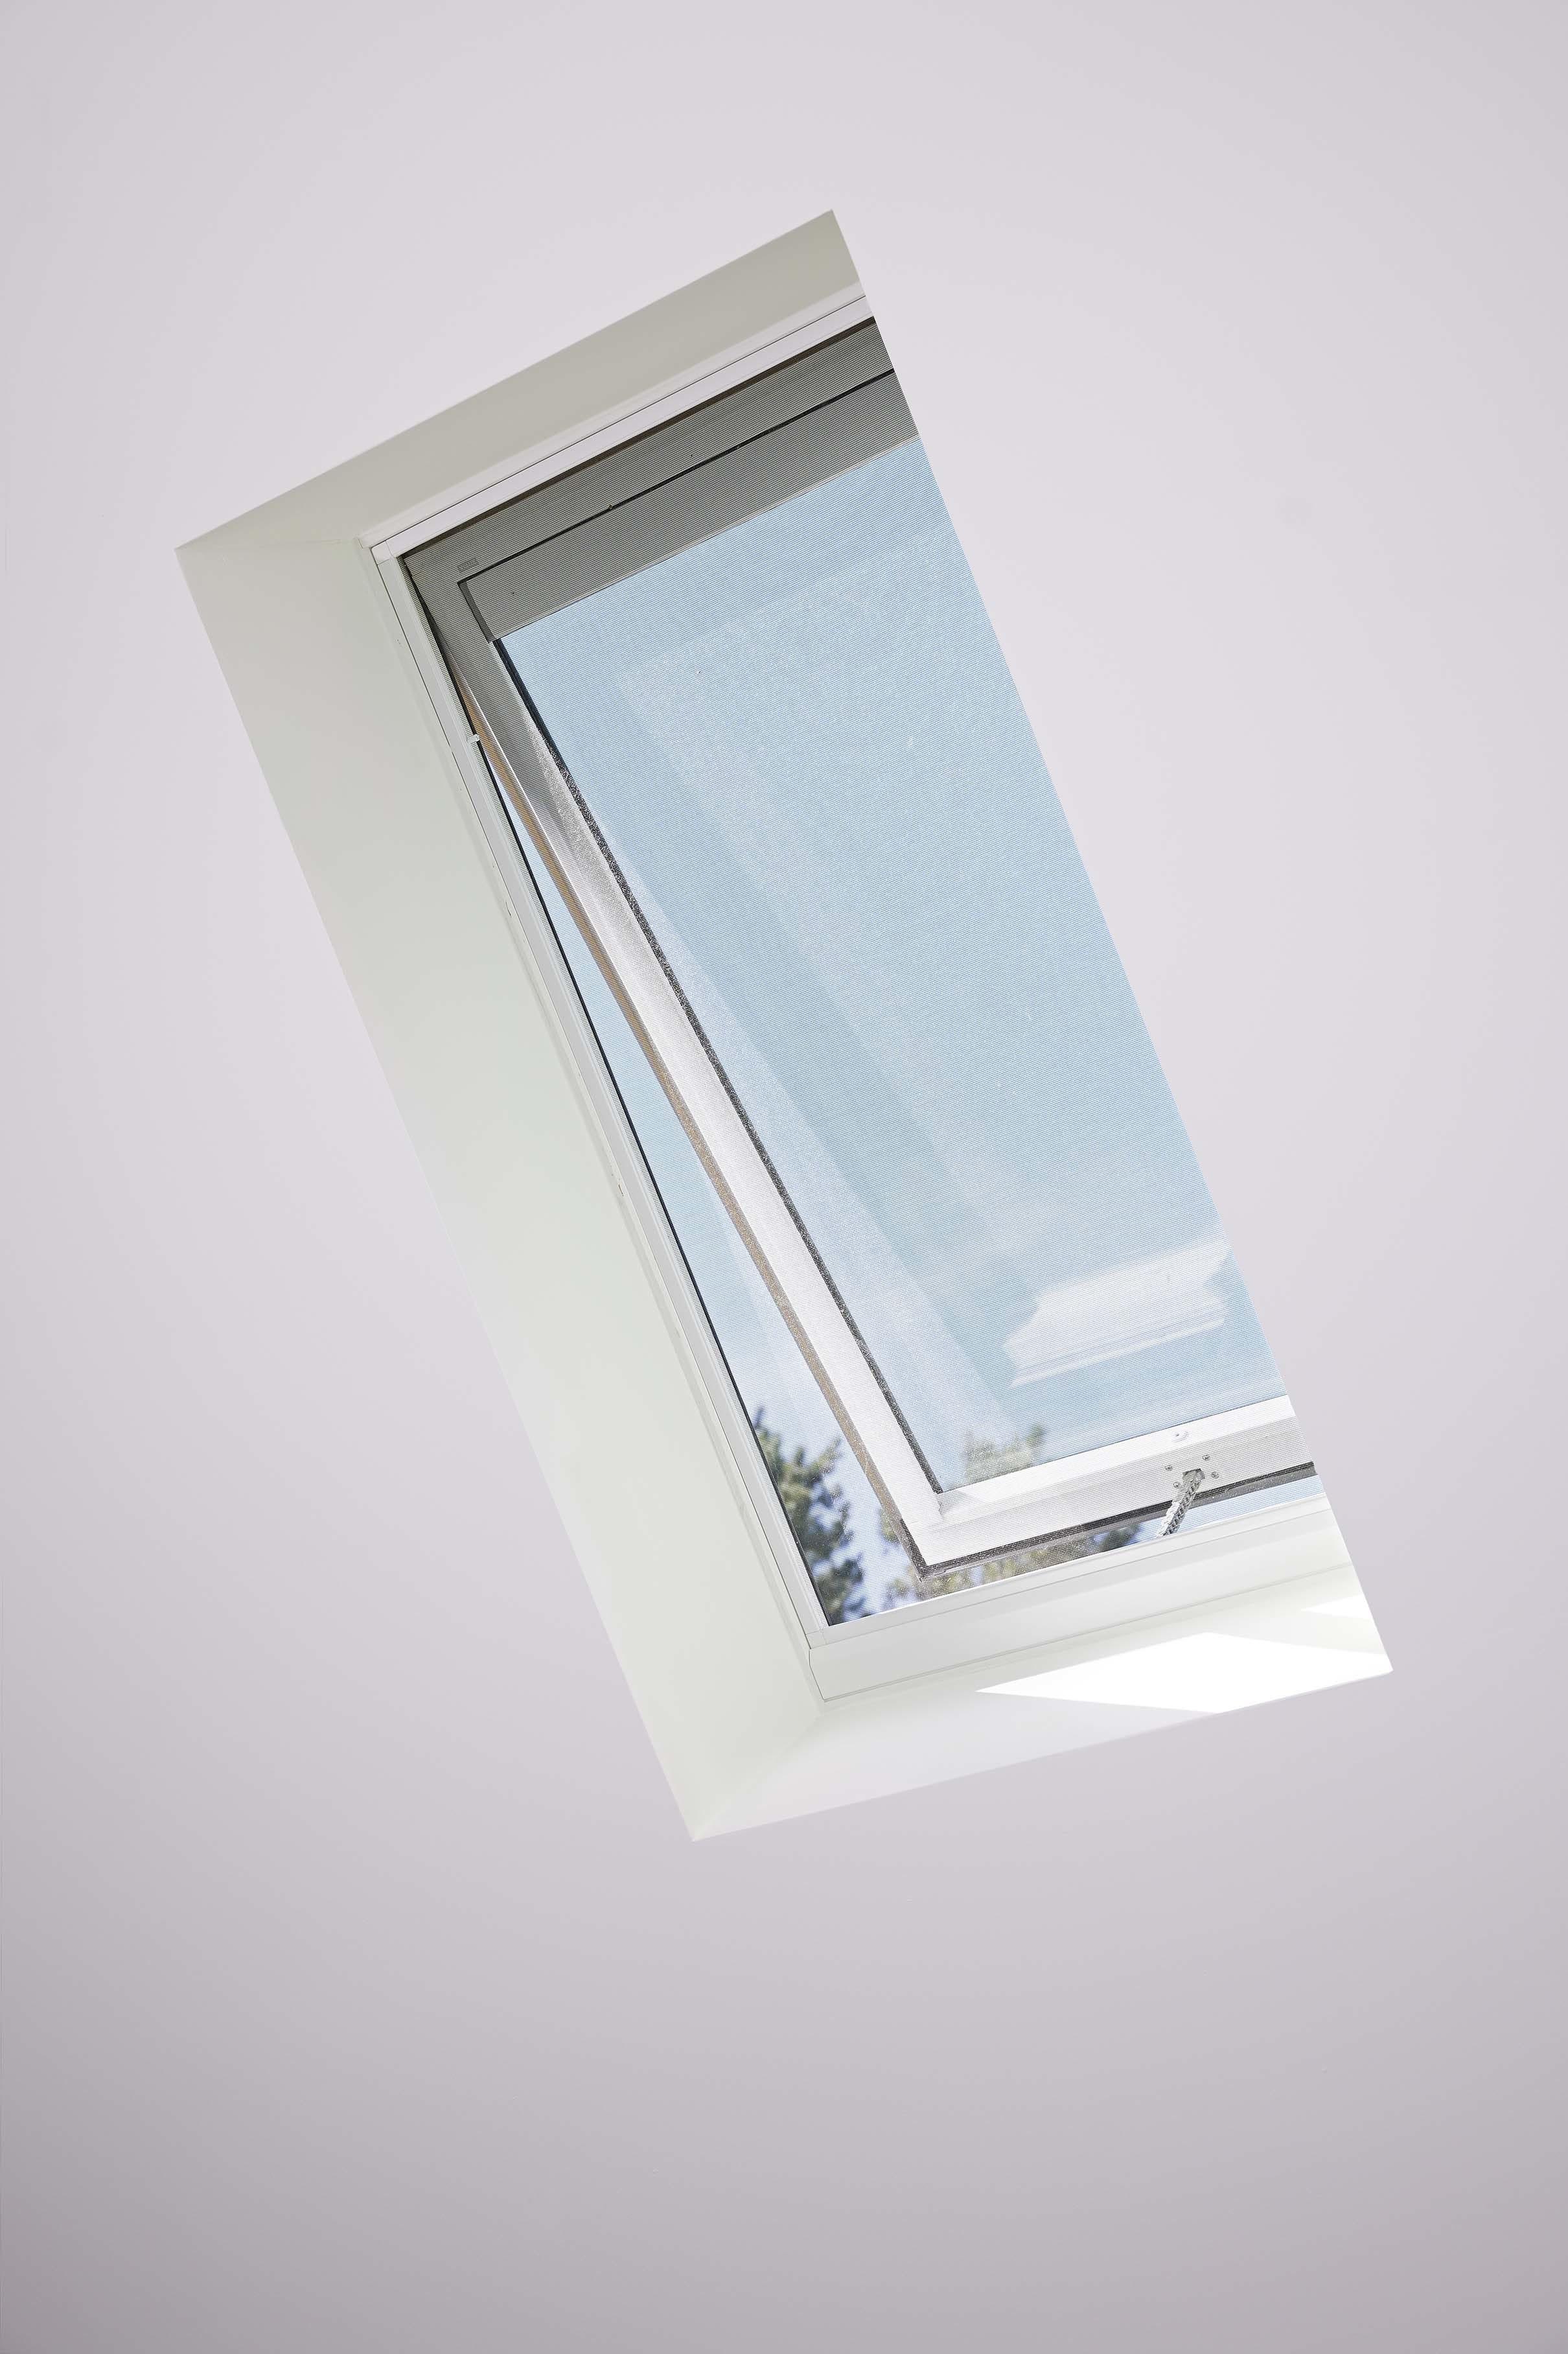 Open skylight white ceiling blue sky